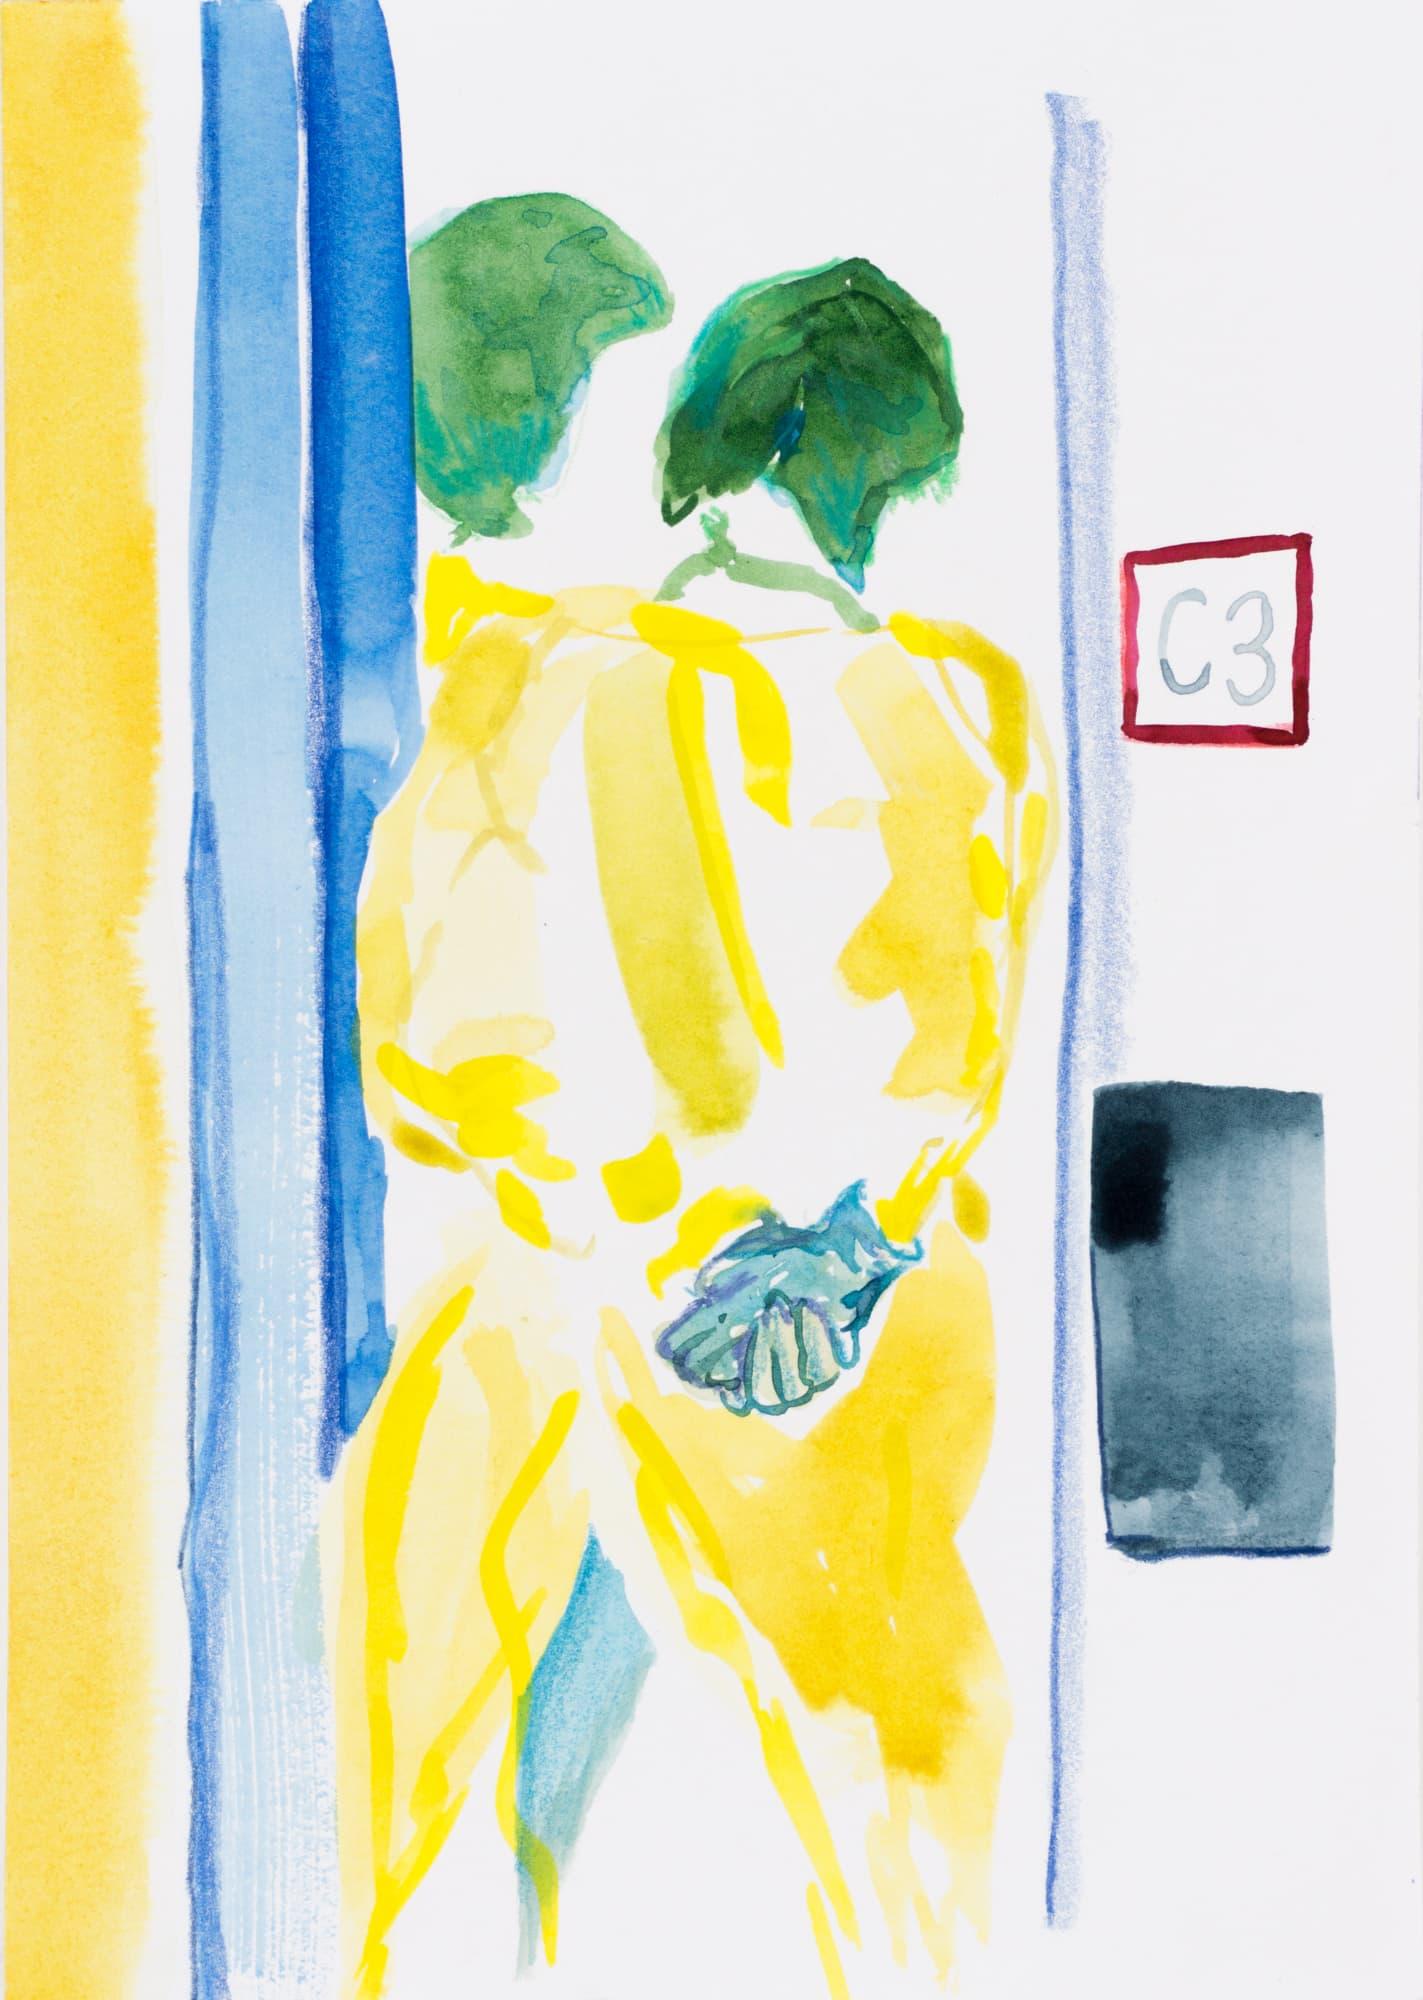 Zeichnung, Farbstift und Tusche auf Papier, 14,7x20,9cm, Medienbild Corona, Künstlerin: Franziska King